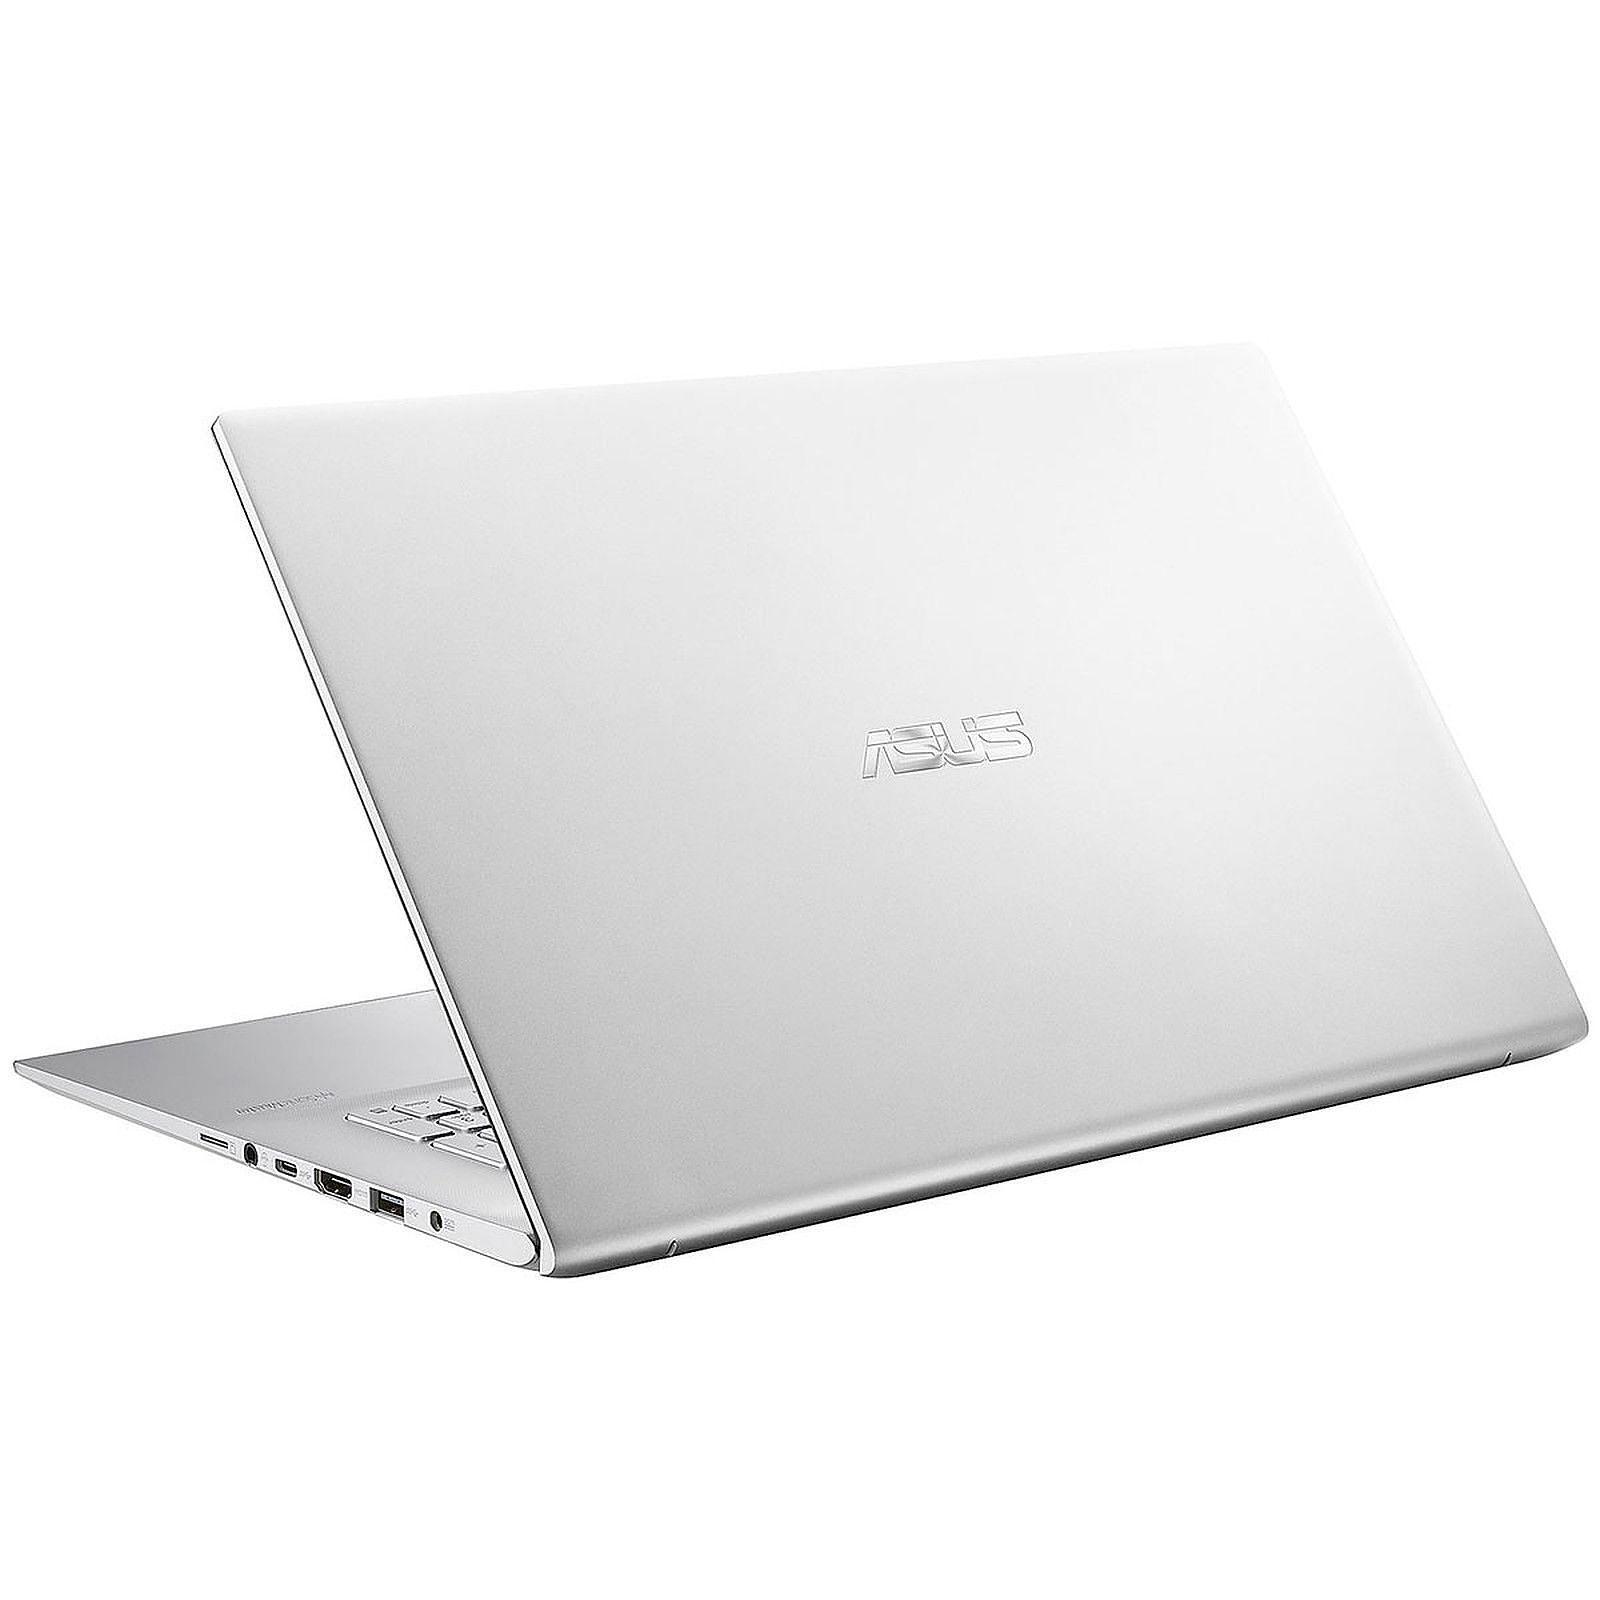 Asus 90NB0L61-M08330 - PC portable Asus - Cybertek.fr - 1